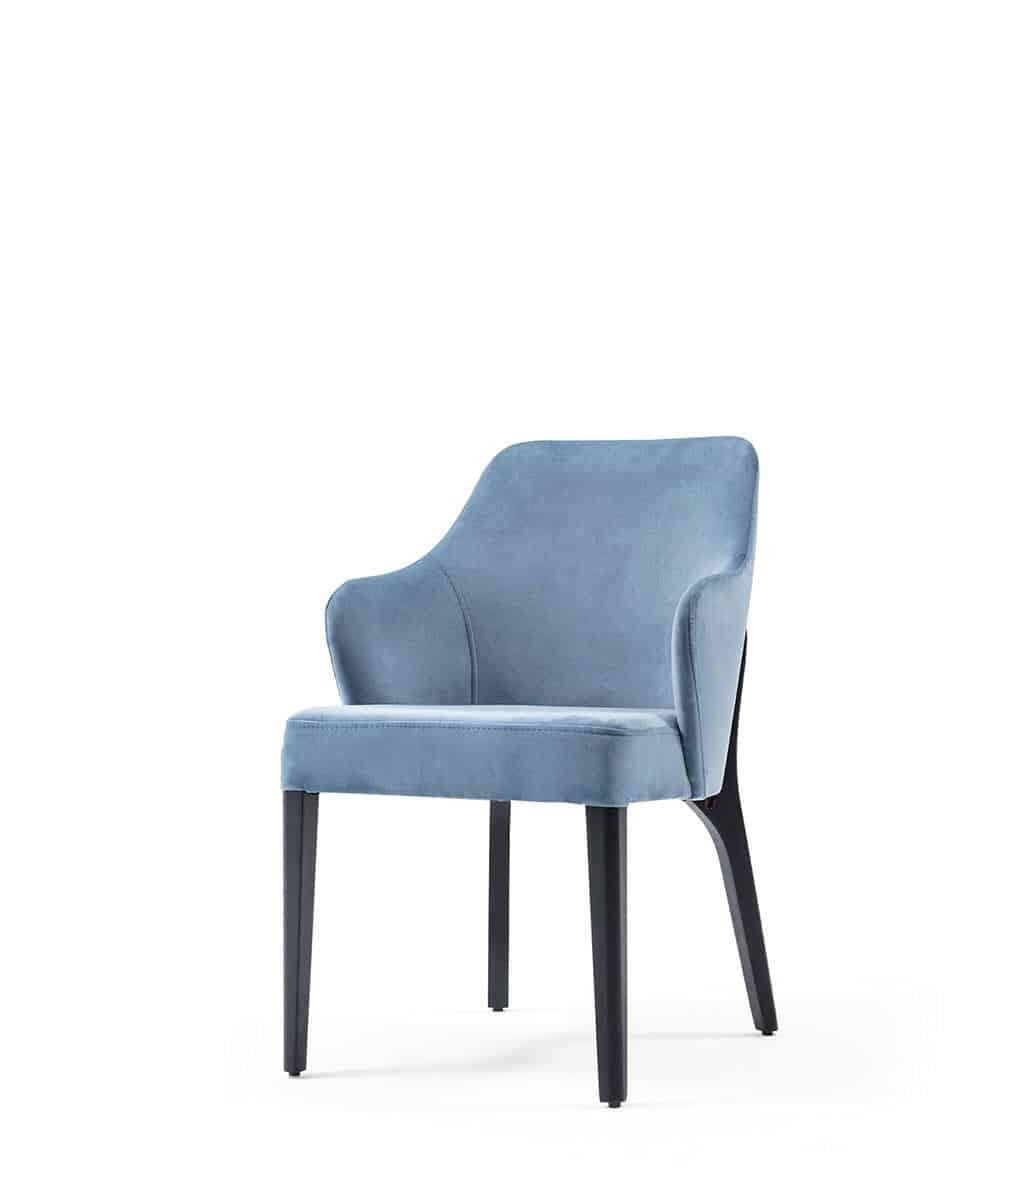 urun-cooper-kollu-sandalye-01-1